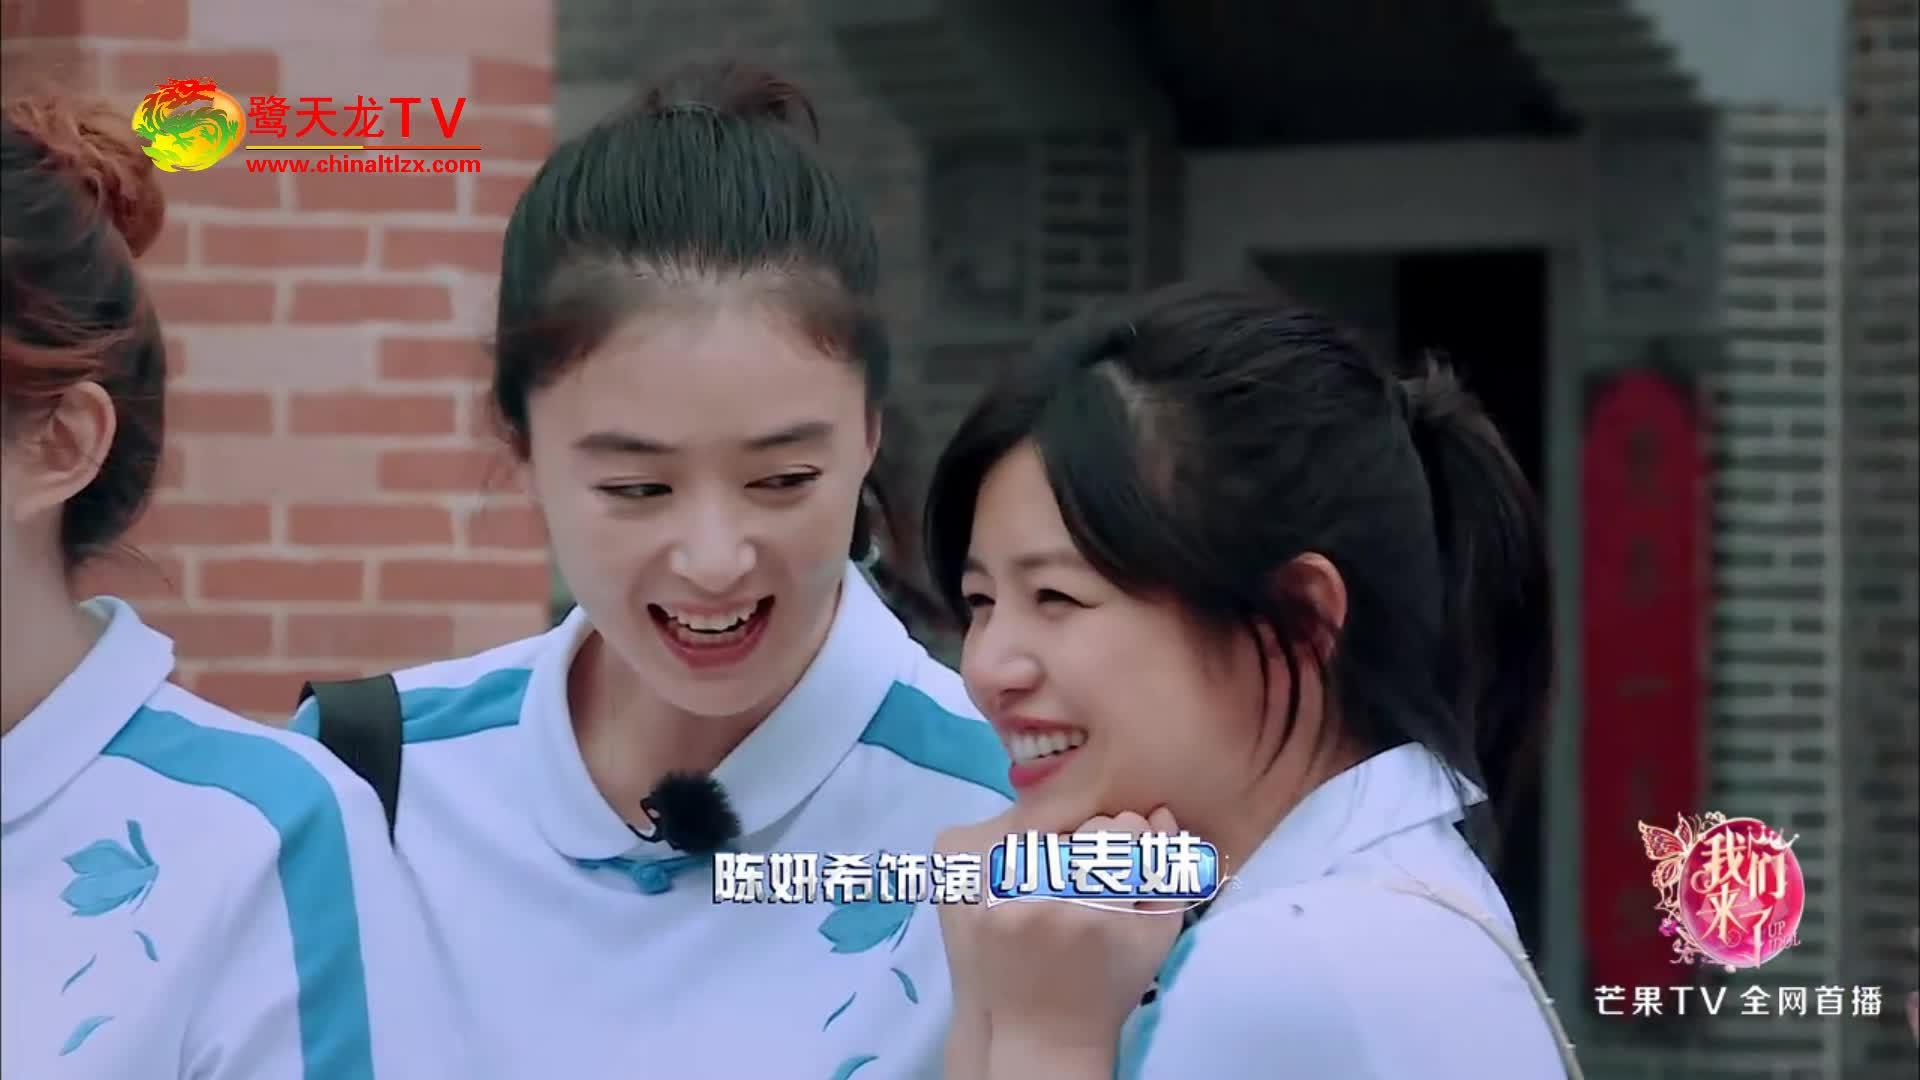 陈妍希cut:乖巧小表妹超紧张对剧本